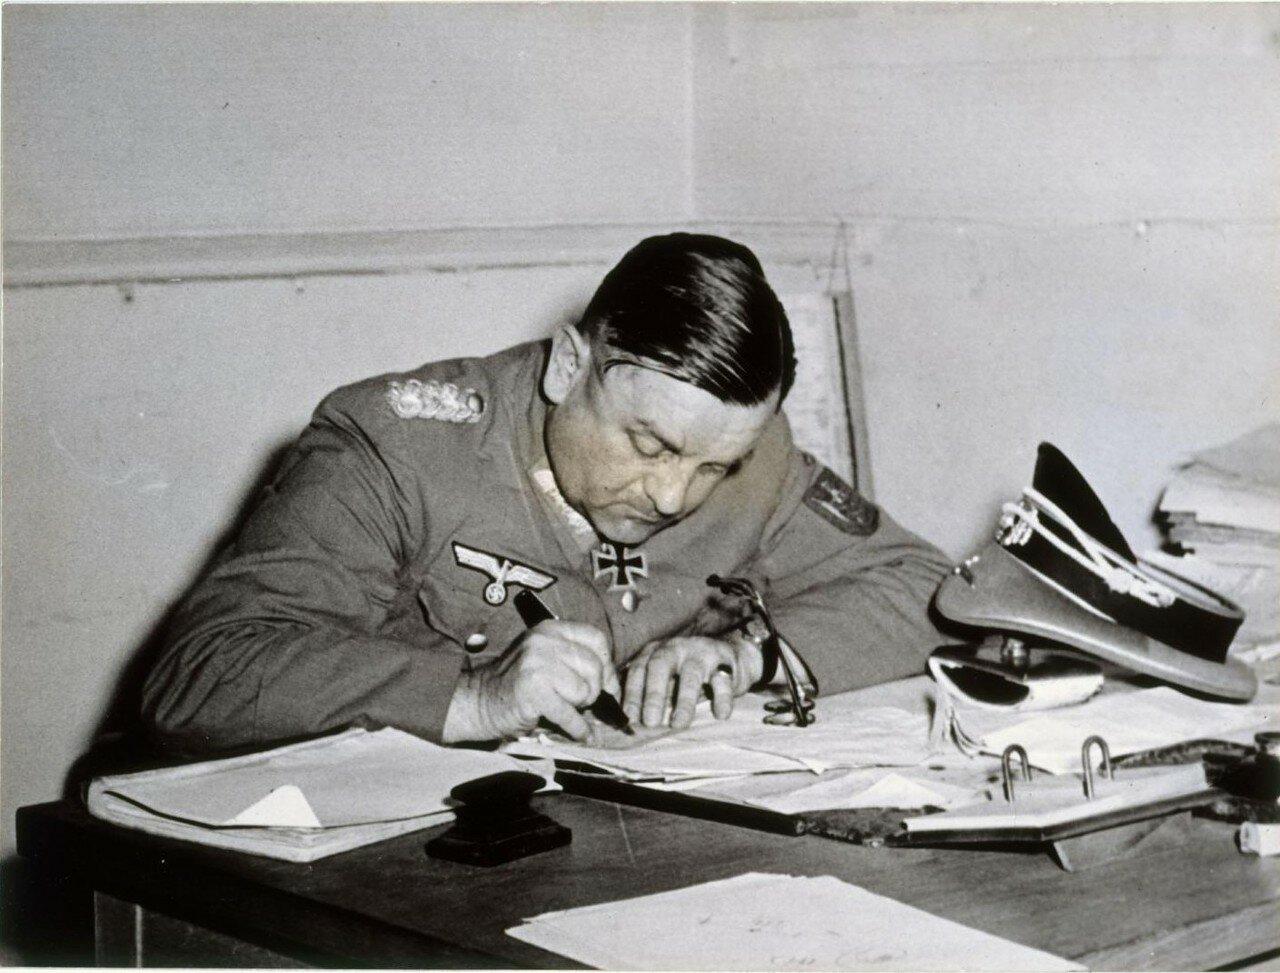 25 августа. Генерал Дитрих фон Колтиц подписывает капитуляцию немецких войск в Париже